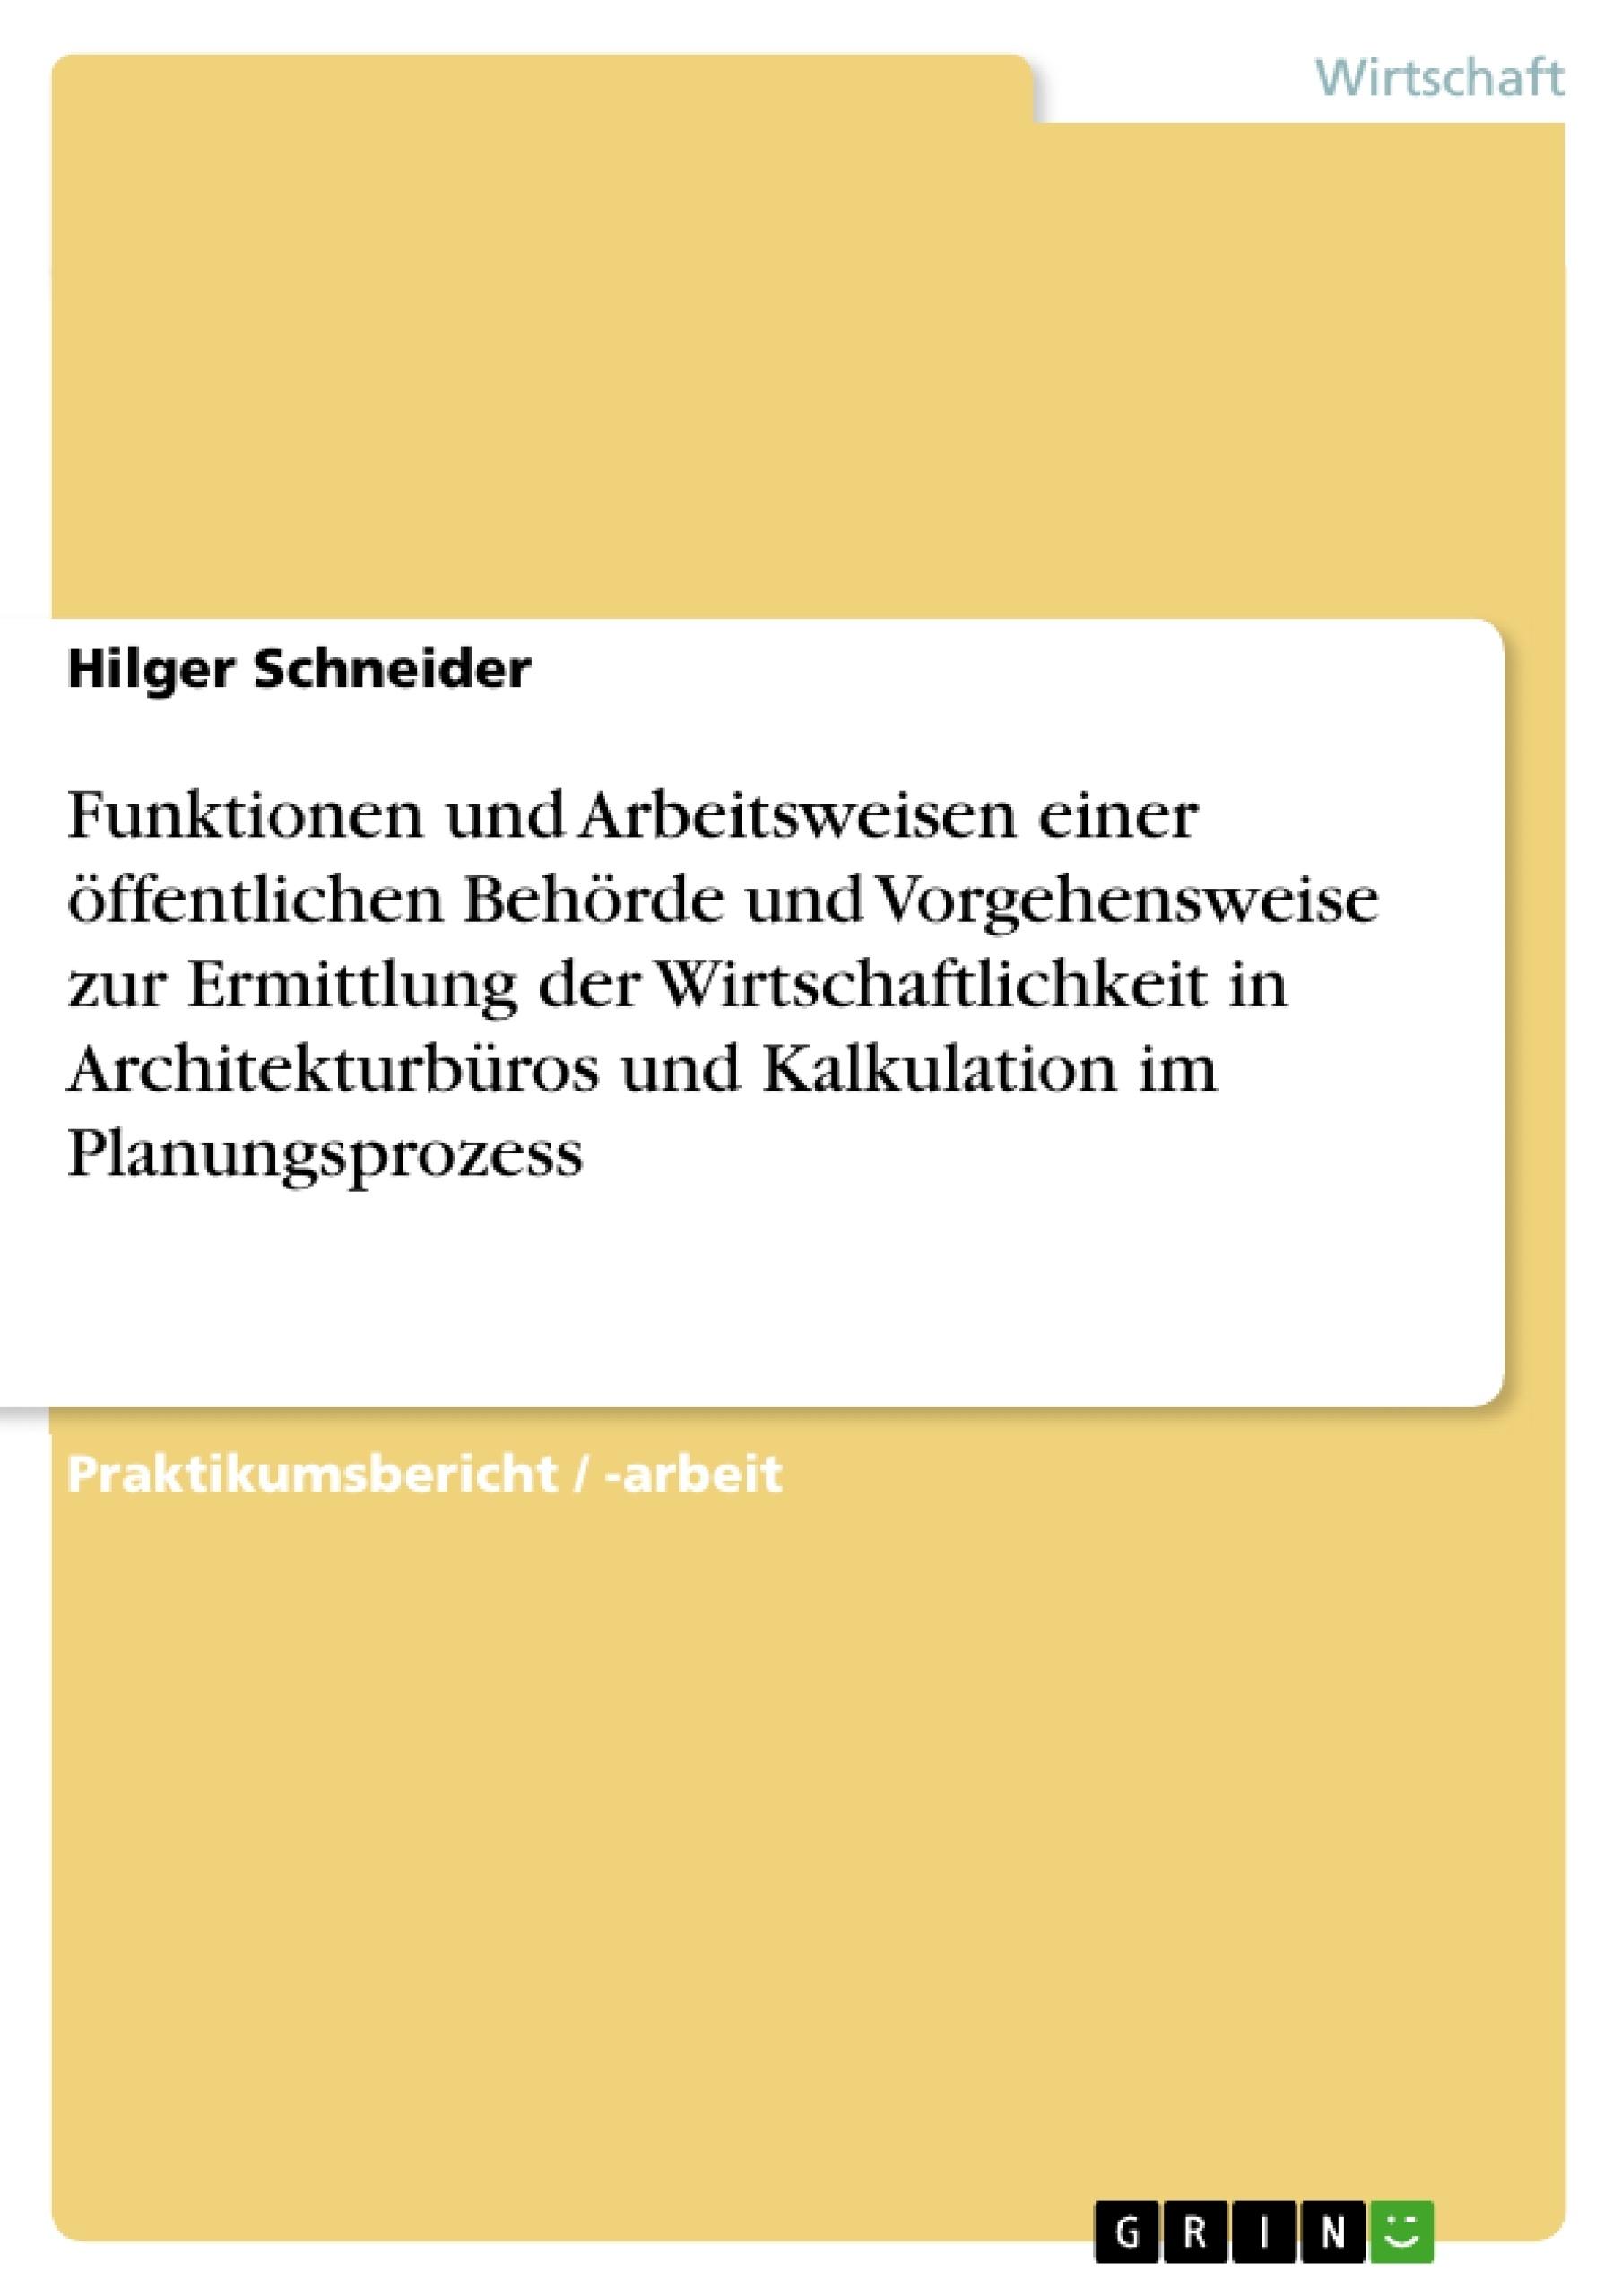 Titel: Funktionen und Arbeitsweisen einer öffentlichen Behörde und Vorgehensweise zur Ermittlung der Wirtschaftlichkeit in Architekturbüros und Kalkulation im Planungsprozess